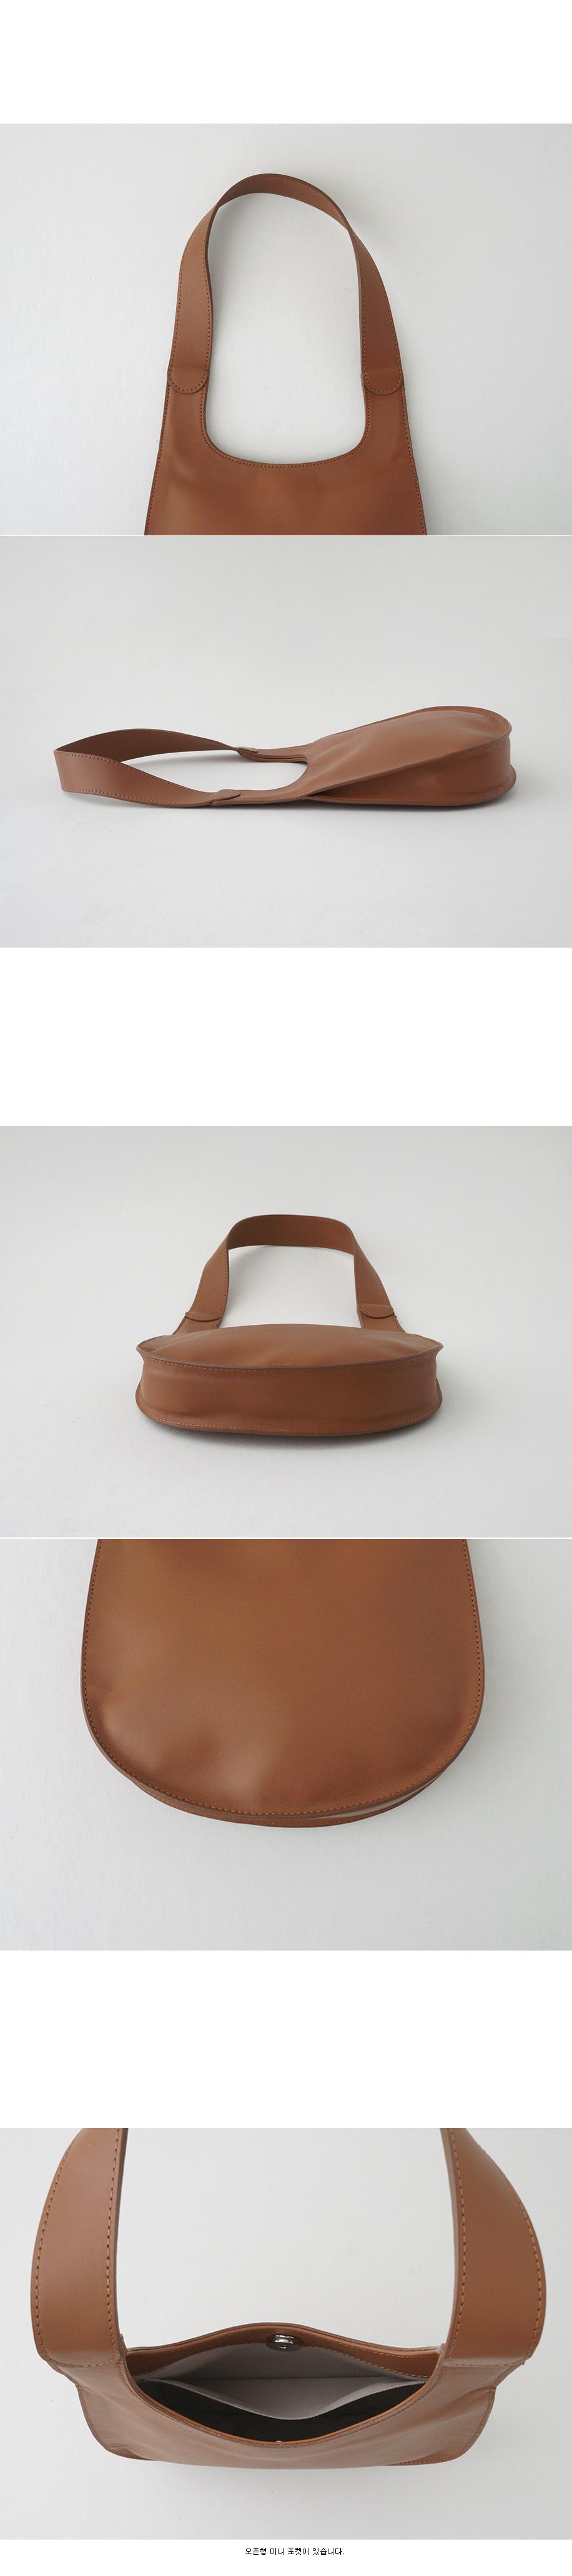 plat loop leather bag